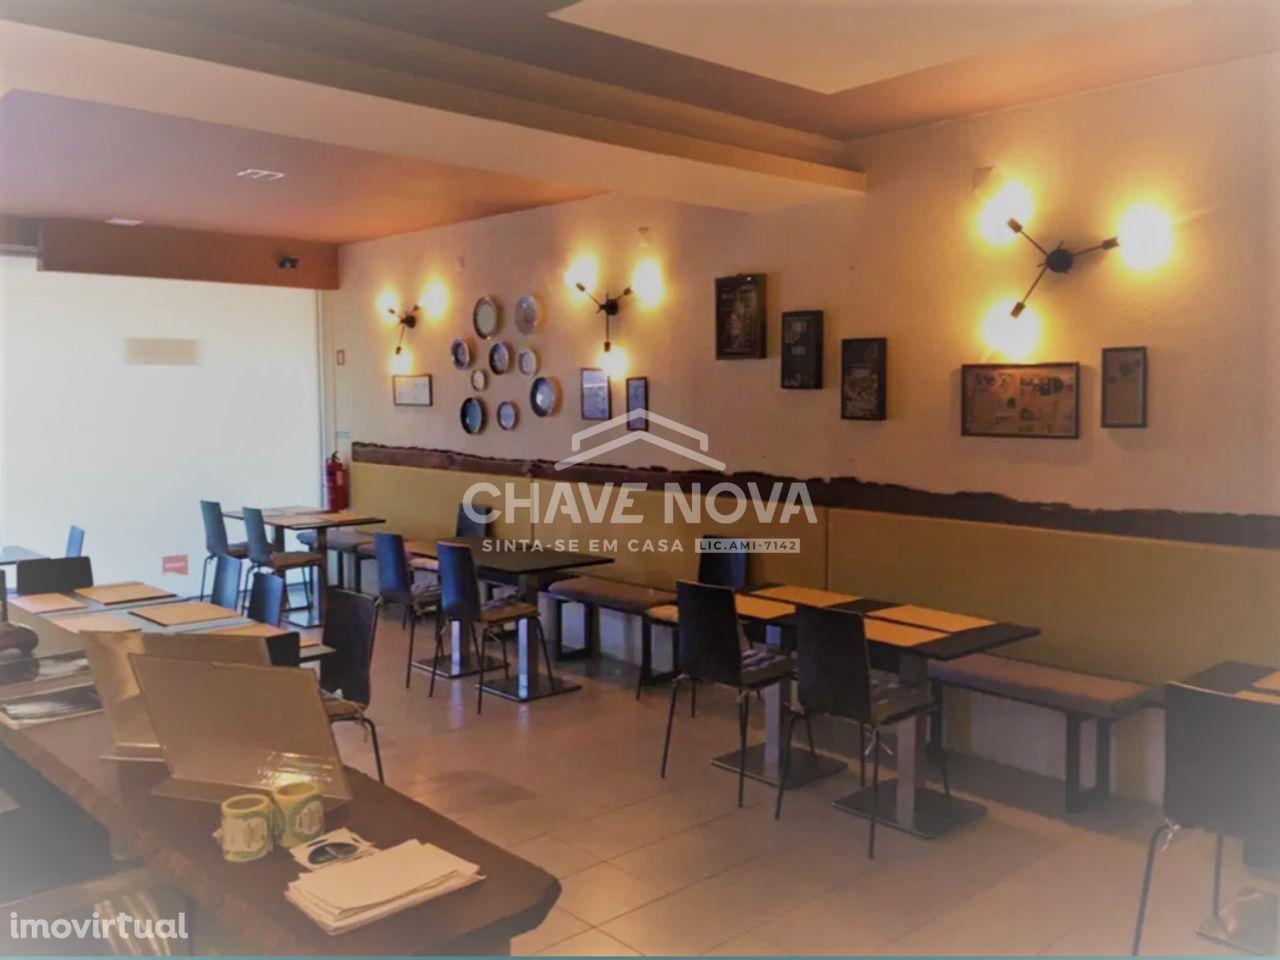 Restaurante/Churrasqueira para Trespasse no Centro de Sta. M. da Feira